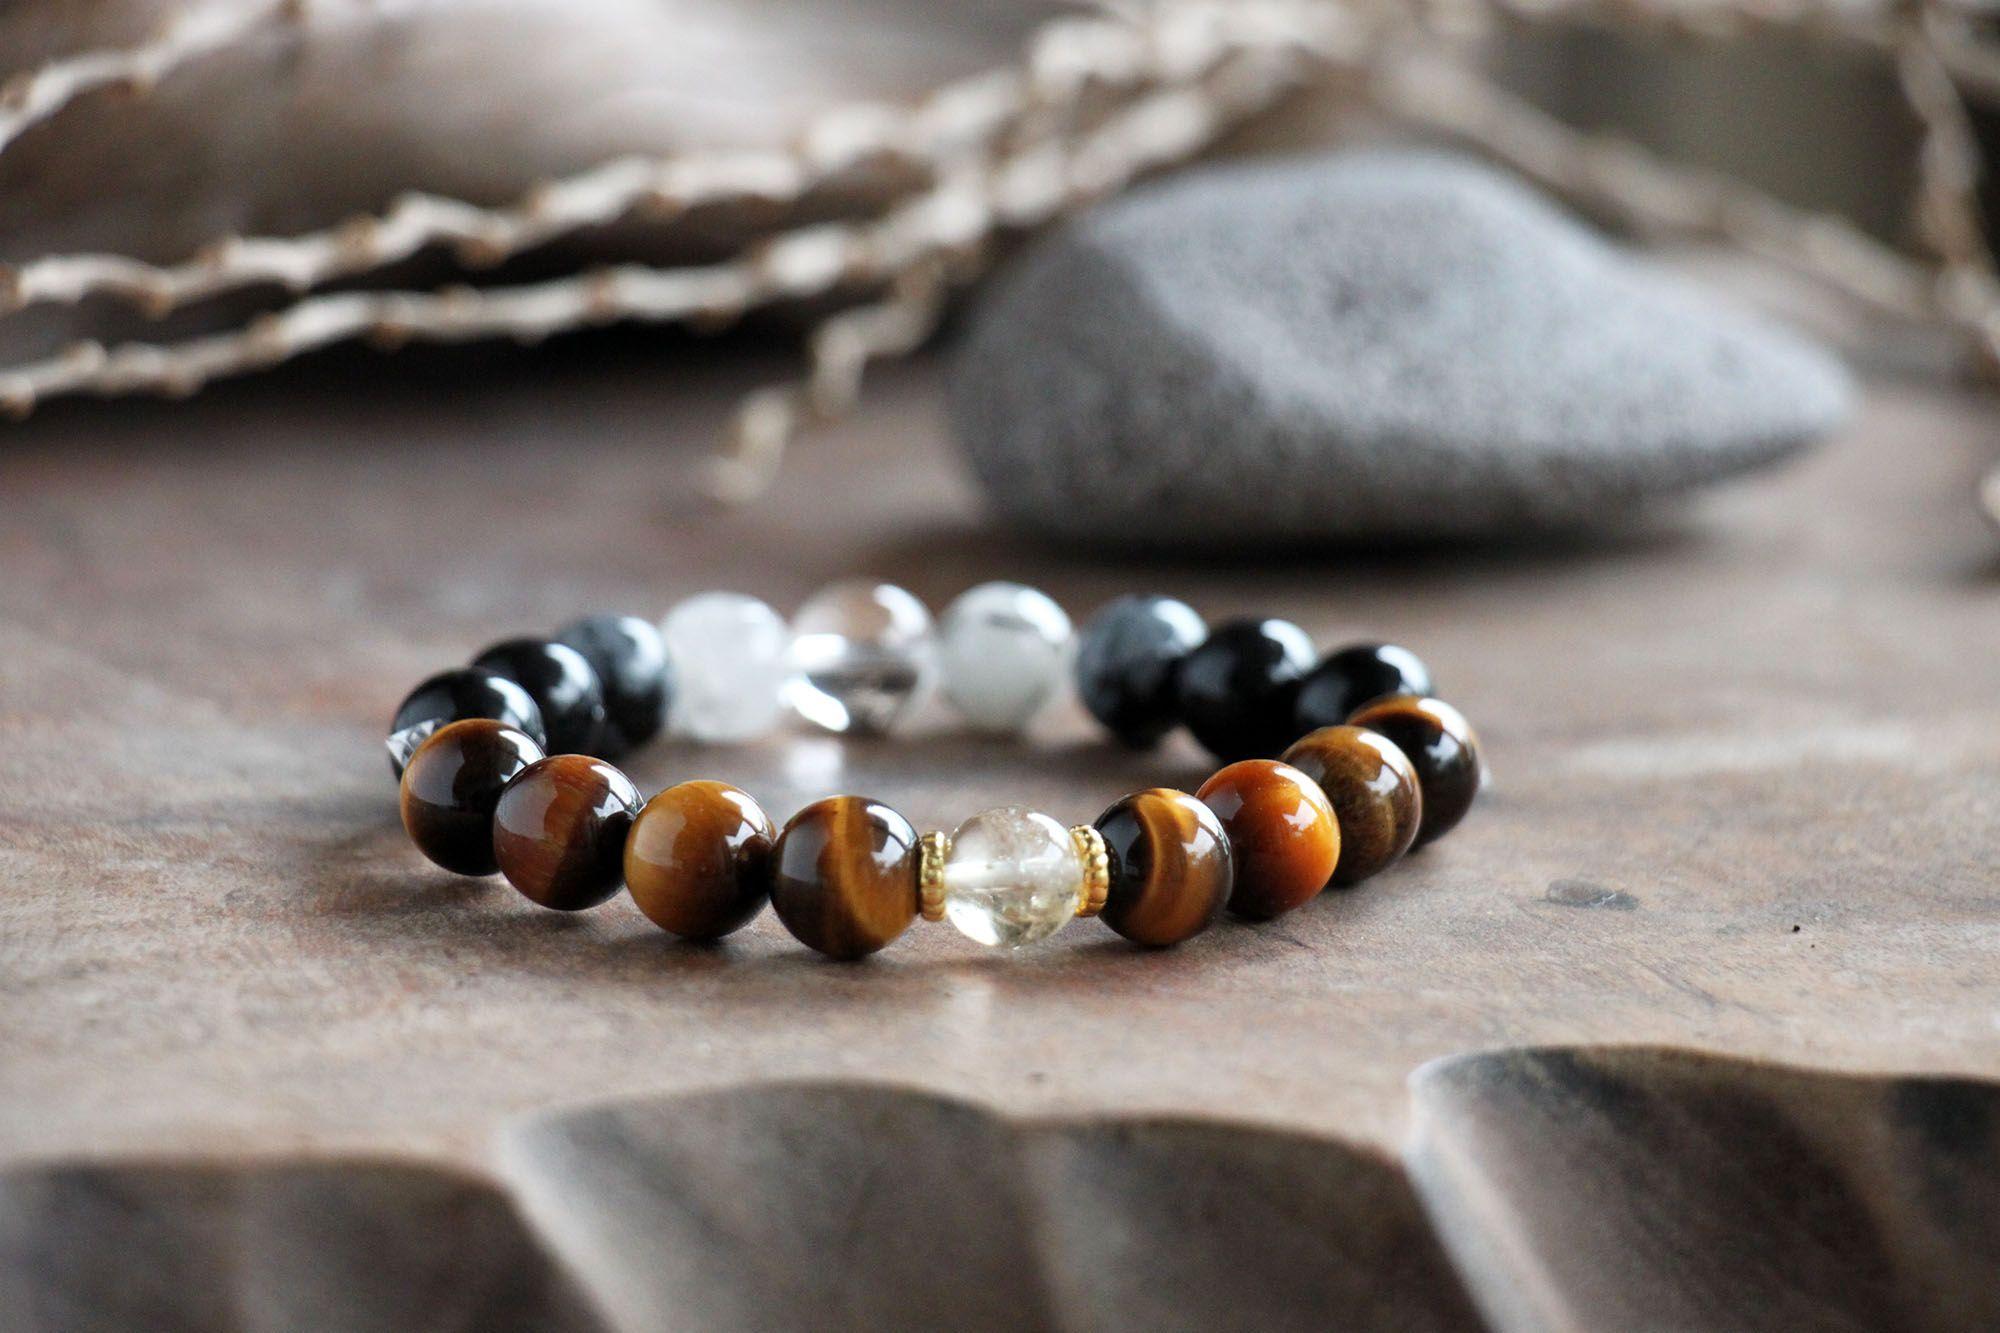 #白水晶 #赫基蒙水晶 #黑髮晶 #虎眼石 #彩曜石 #雪花黑曜 #黃水晶   Mens bracelet, Jewelry, Bracelets